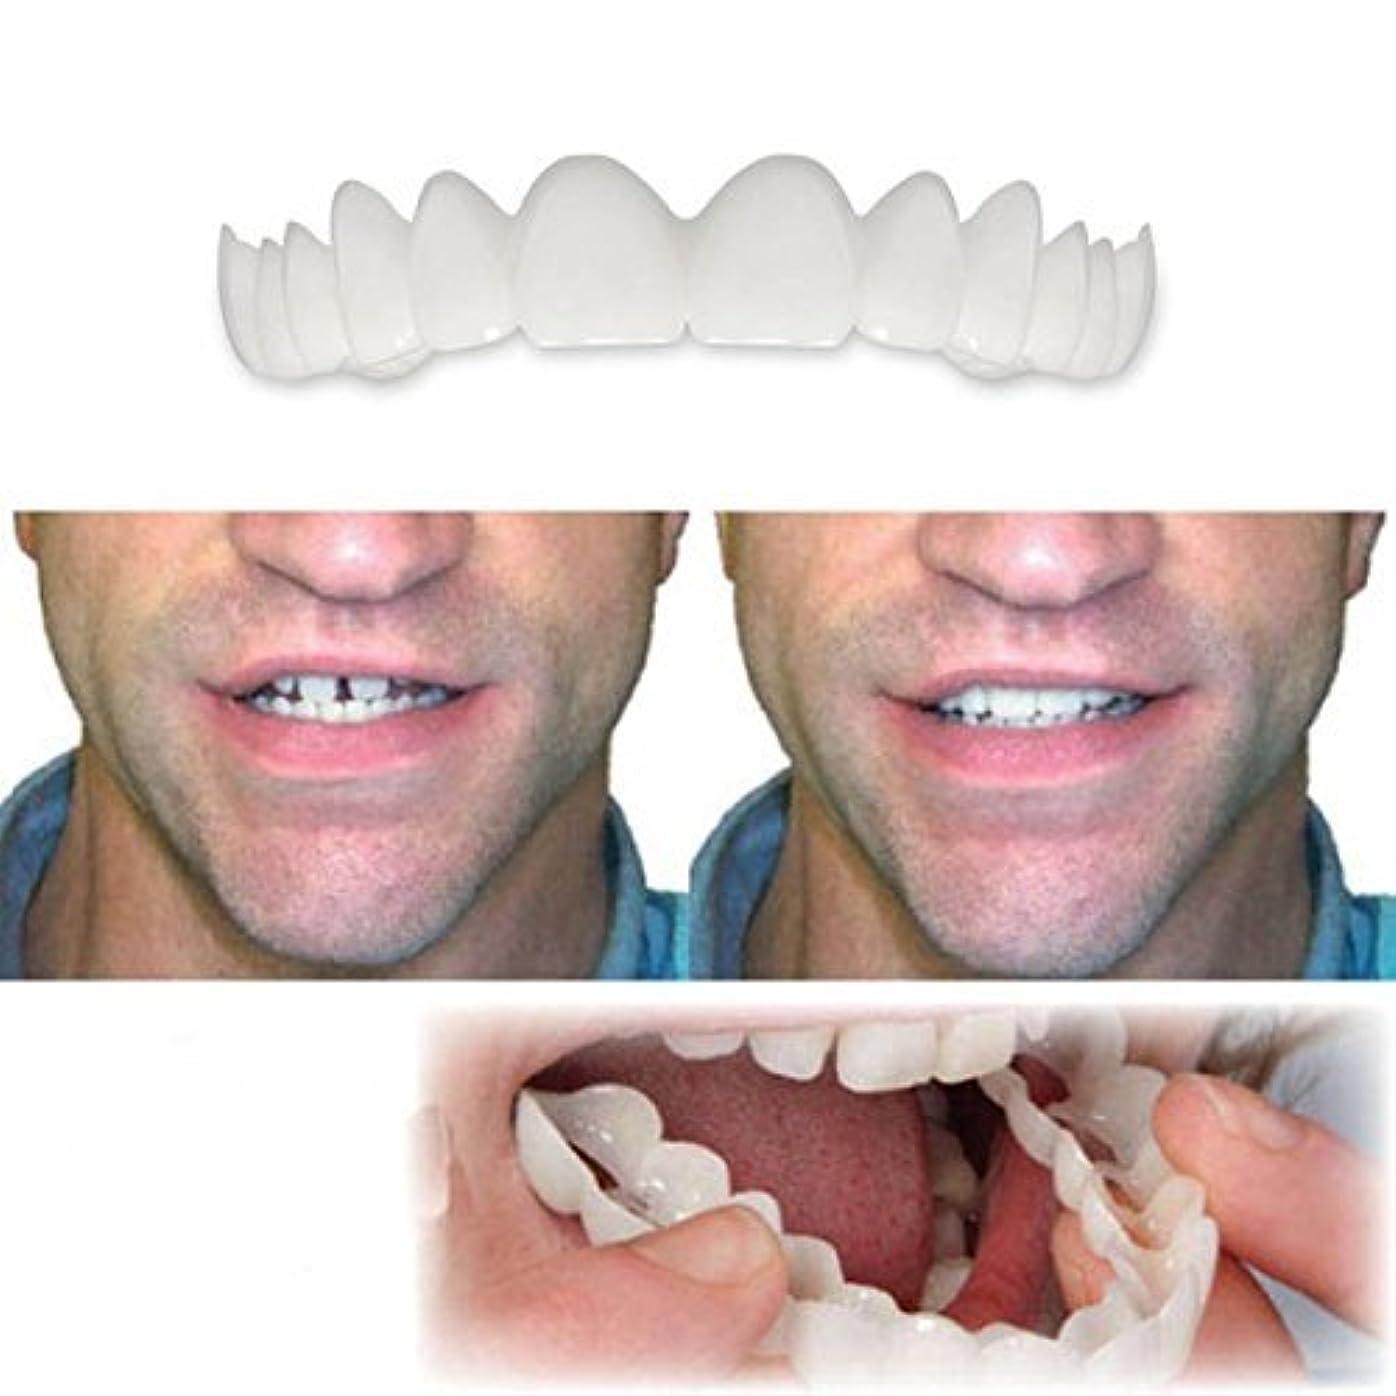 である正しい以前は義歯上下義歯インスタントスマイルコンフォートフィットフレックスコスメティックティーストップ化粧品突き合わせ箱入り(下+上),5Pairs